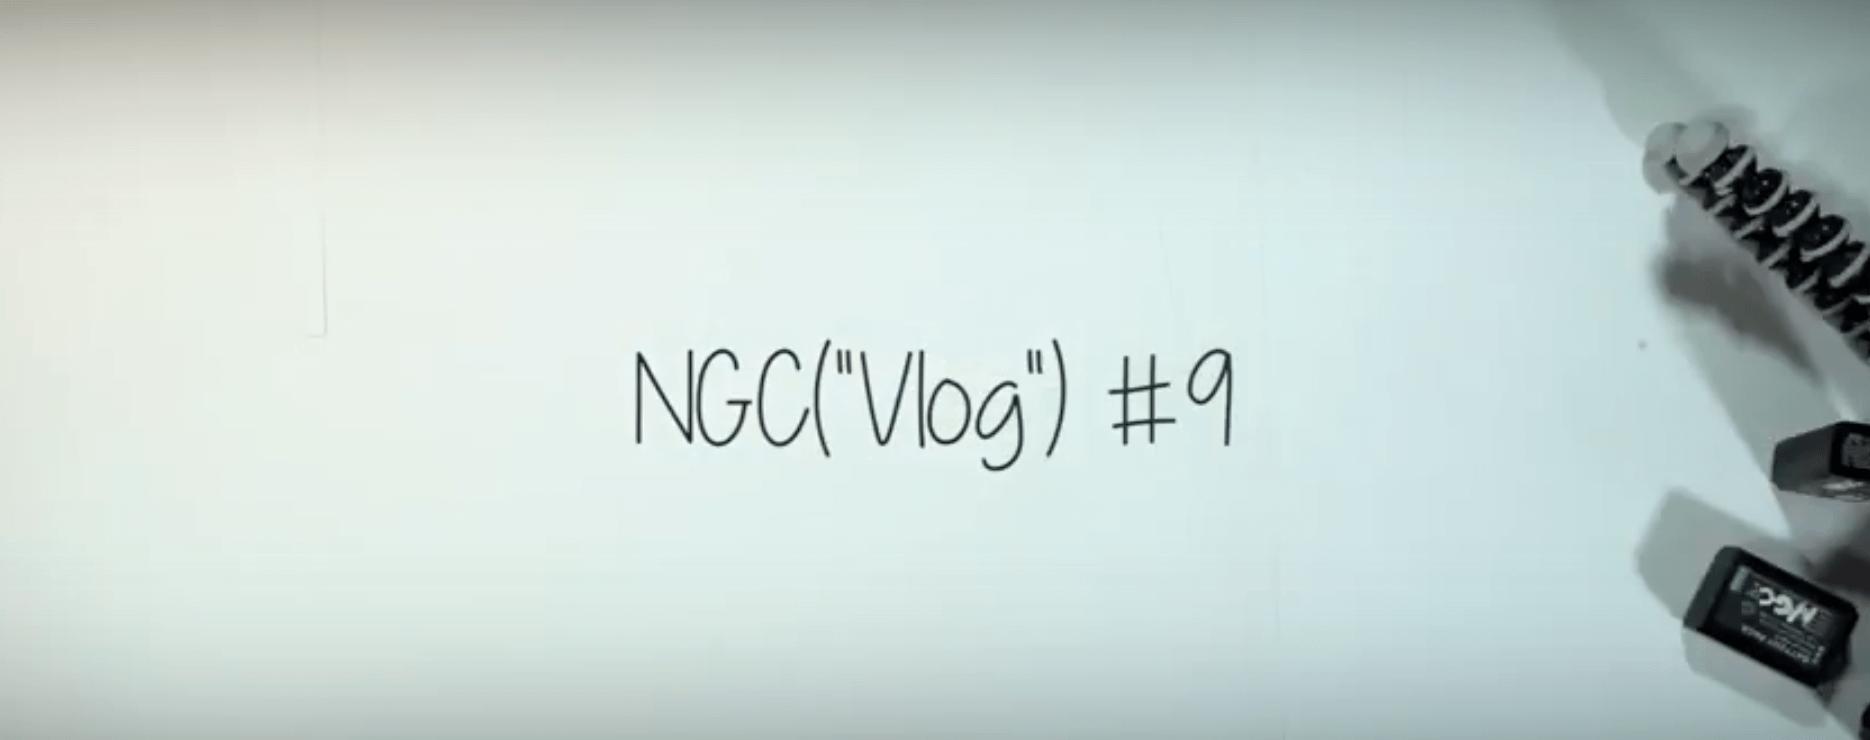 Insomnie et tournage du générique ! – Vlog#9